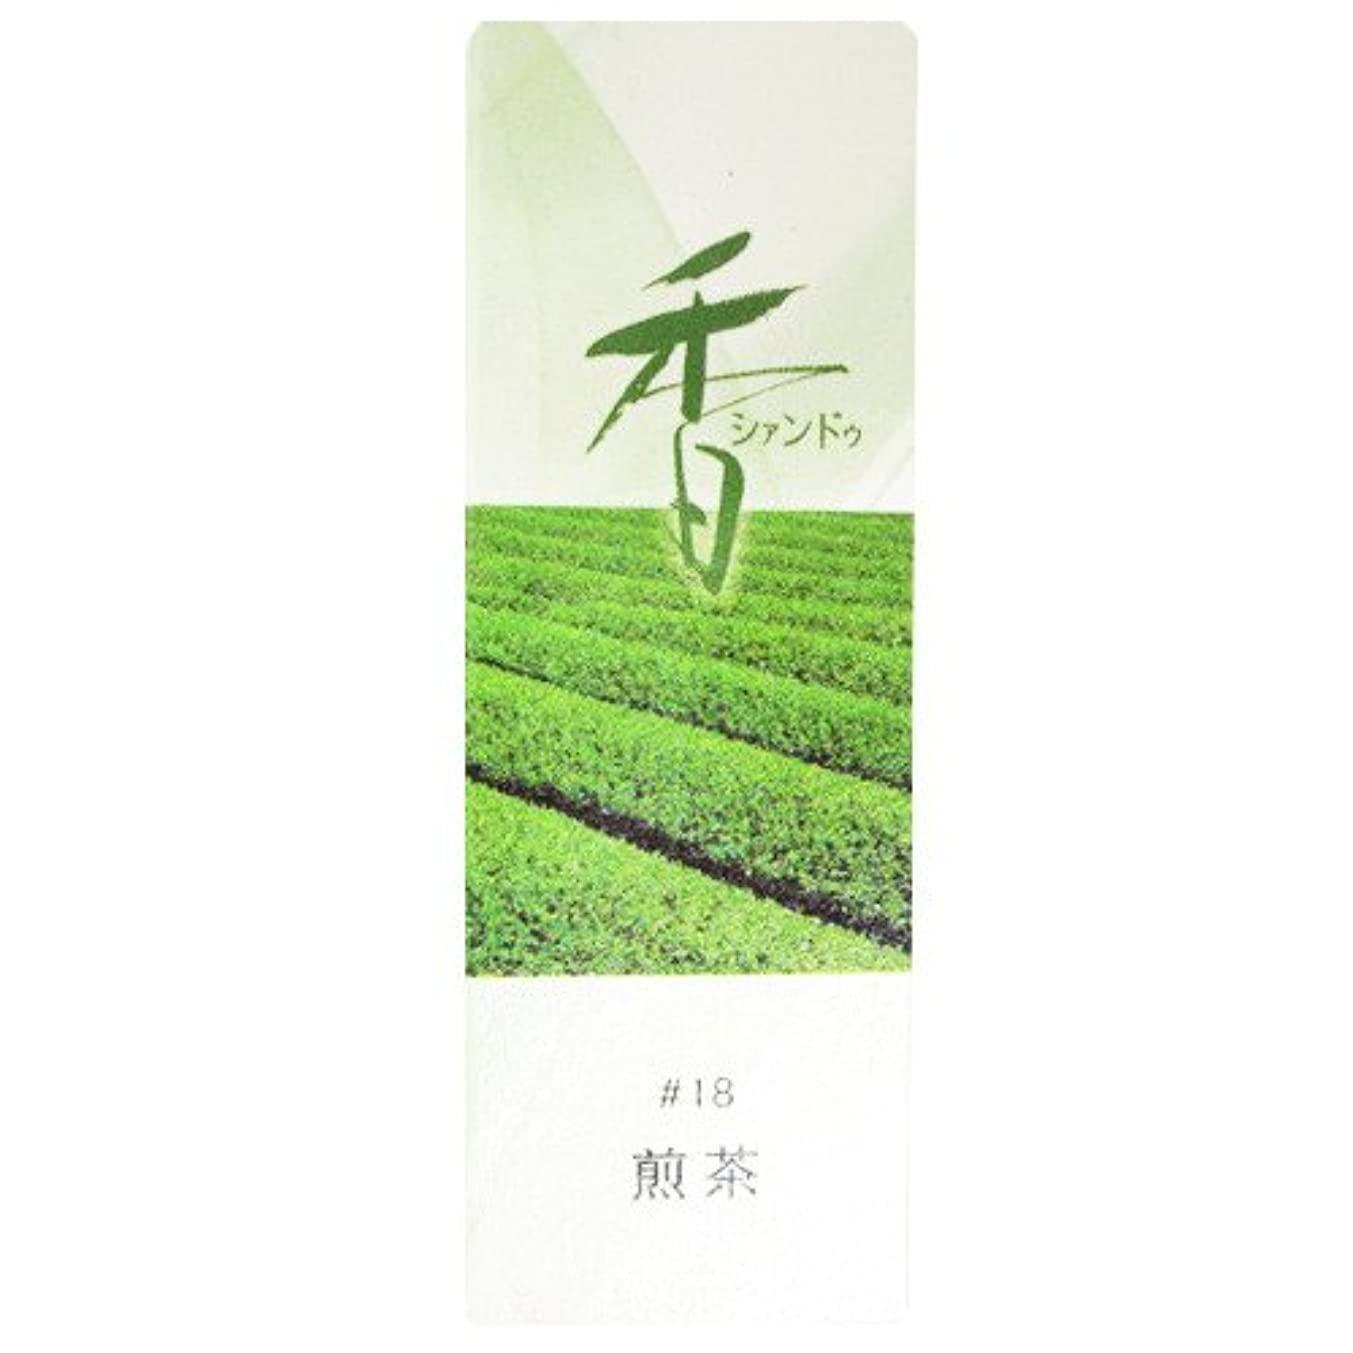 発送サイト作者松栄堂のお香 Xiang Do(シャンドゥ) 煎茶 ST20本入 簡易香立付 #214218